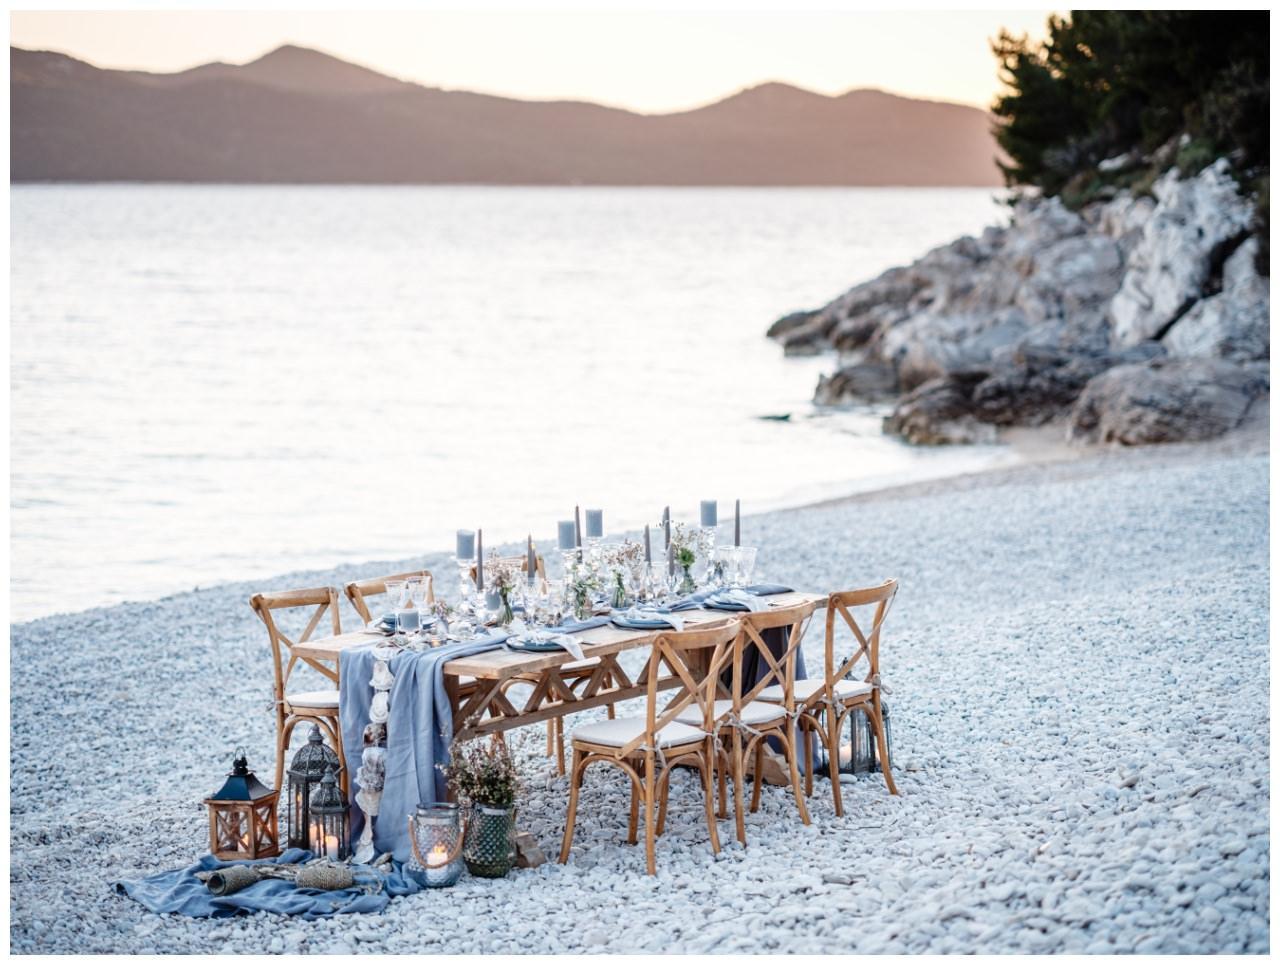 Hochzeit Strand Kroatien Hochzetsplanung Hochzeitsplaner Fotograf 32 - Kleine Hochzeit am Strand